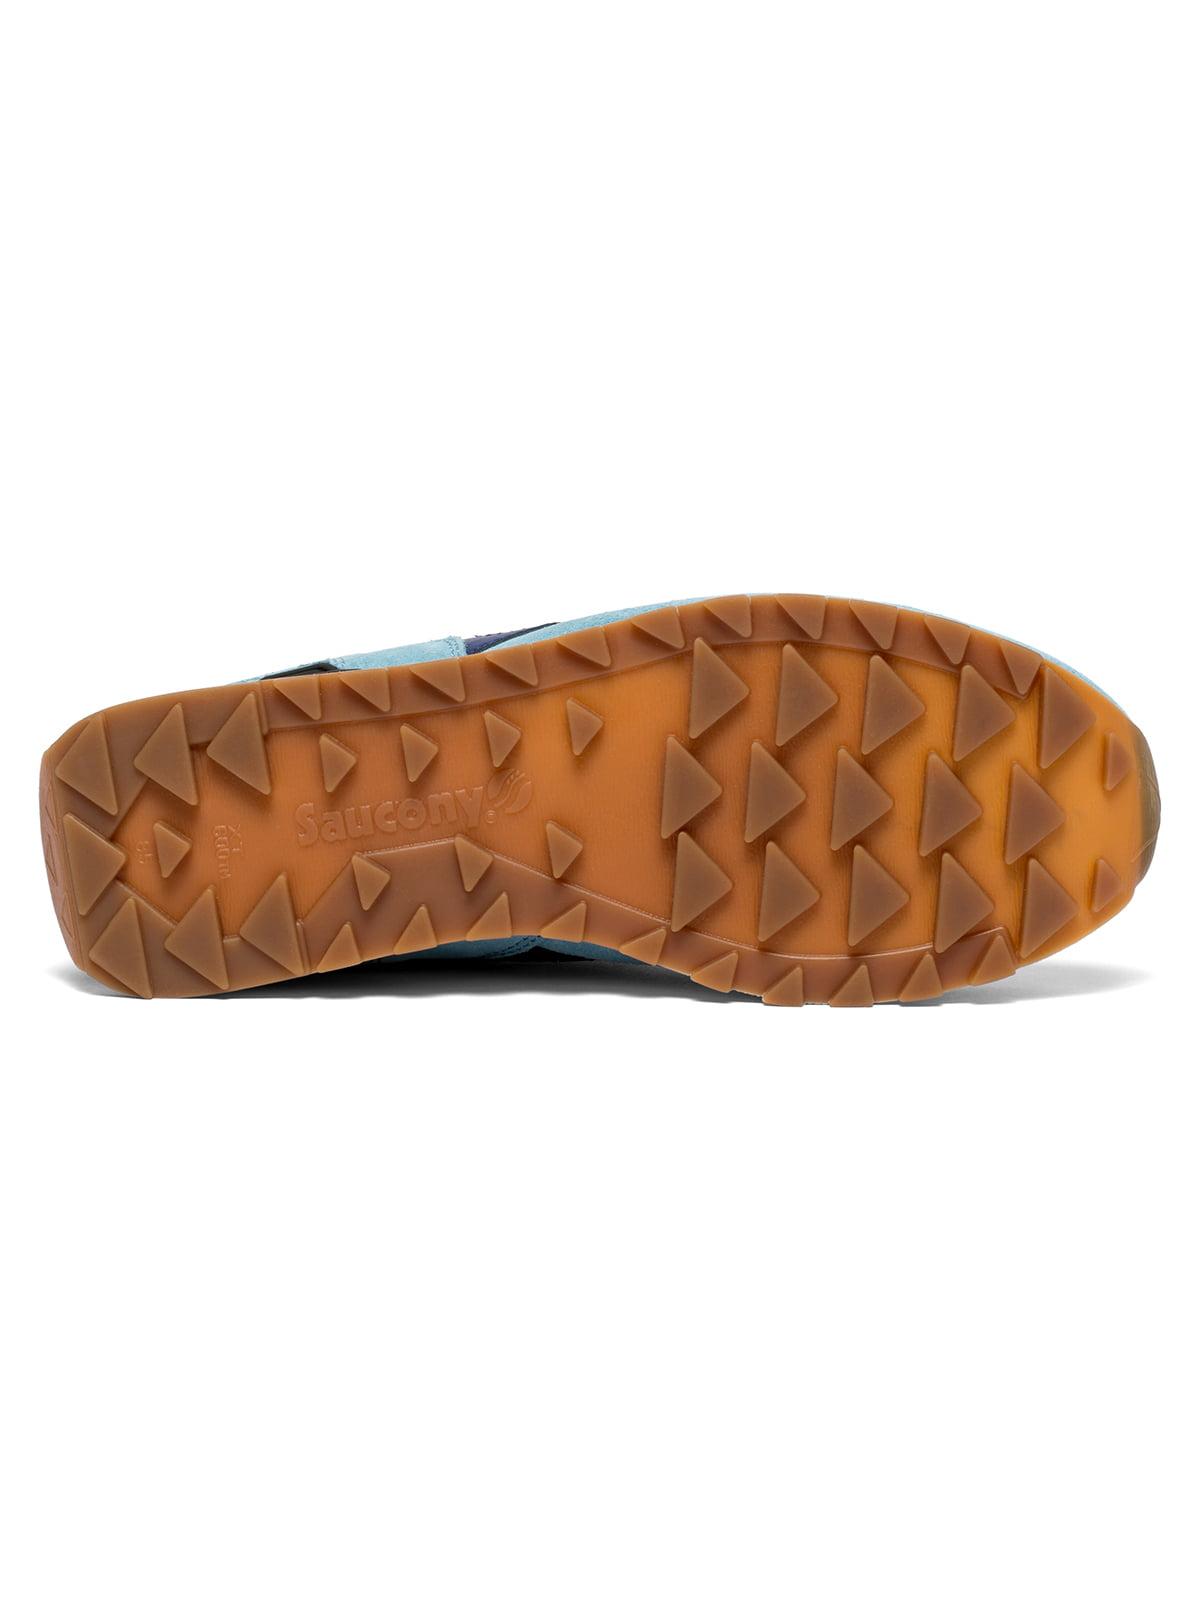 Кросівки комбінованого забарвлення | 4921011 | фото 4